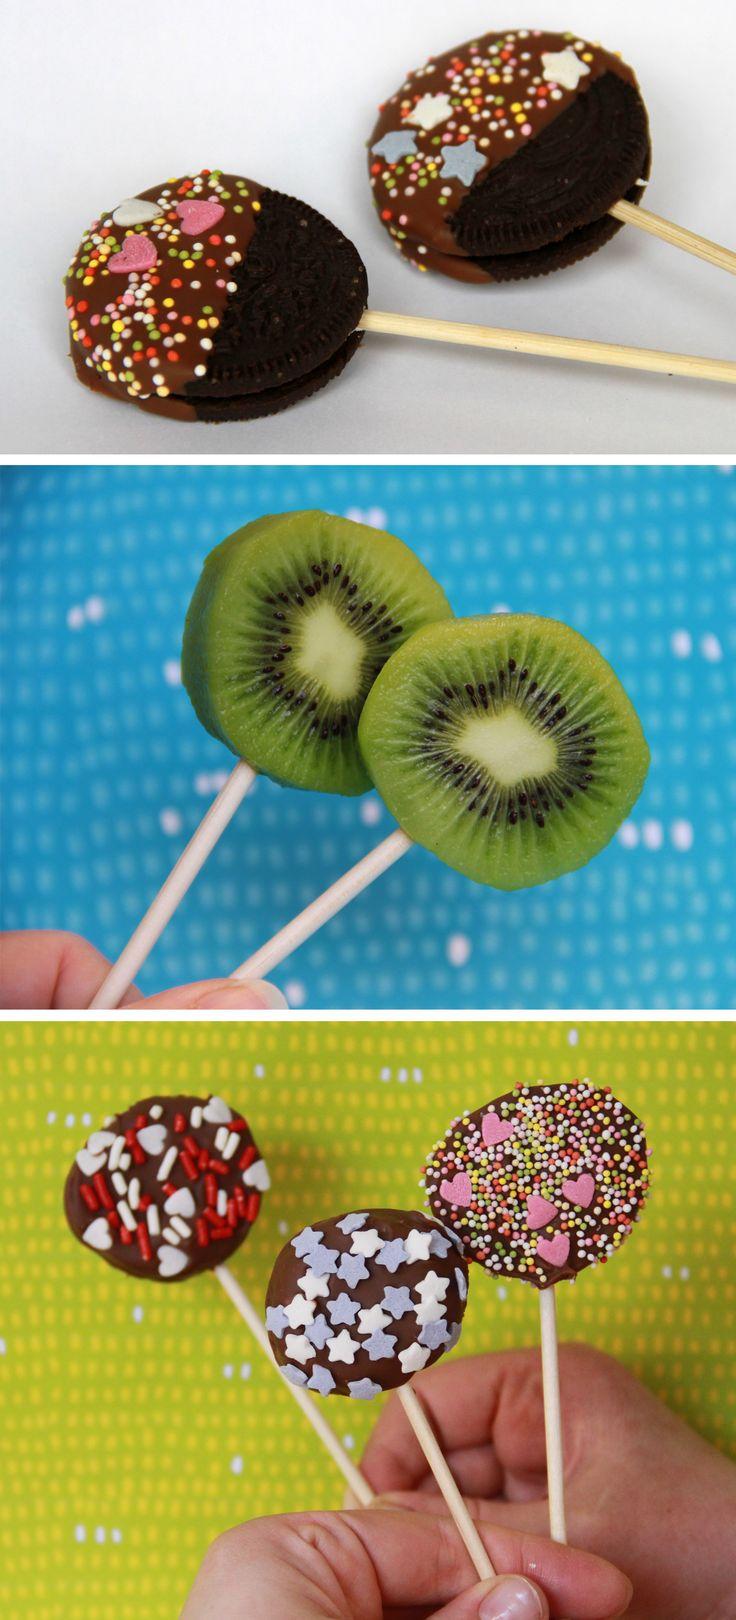 Hedelmä- ja keksitikkarit | lasten | lapset | idea | askartelu | kädentaidot | käsityöt | kiivi | täytekeksi | keksi | hedelmä | herkku | puuhaa | kesä | juhlat | karnevaalit | summer | party| carnivals | DIY | ideas | kids | children | crafts | home | sweets | kiwi | fruit | cookie | Pikku Kakkonen